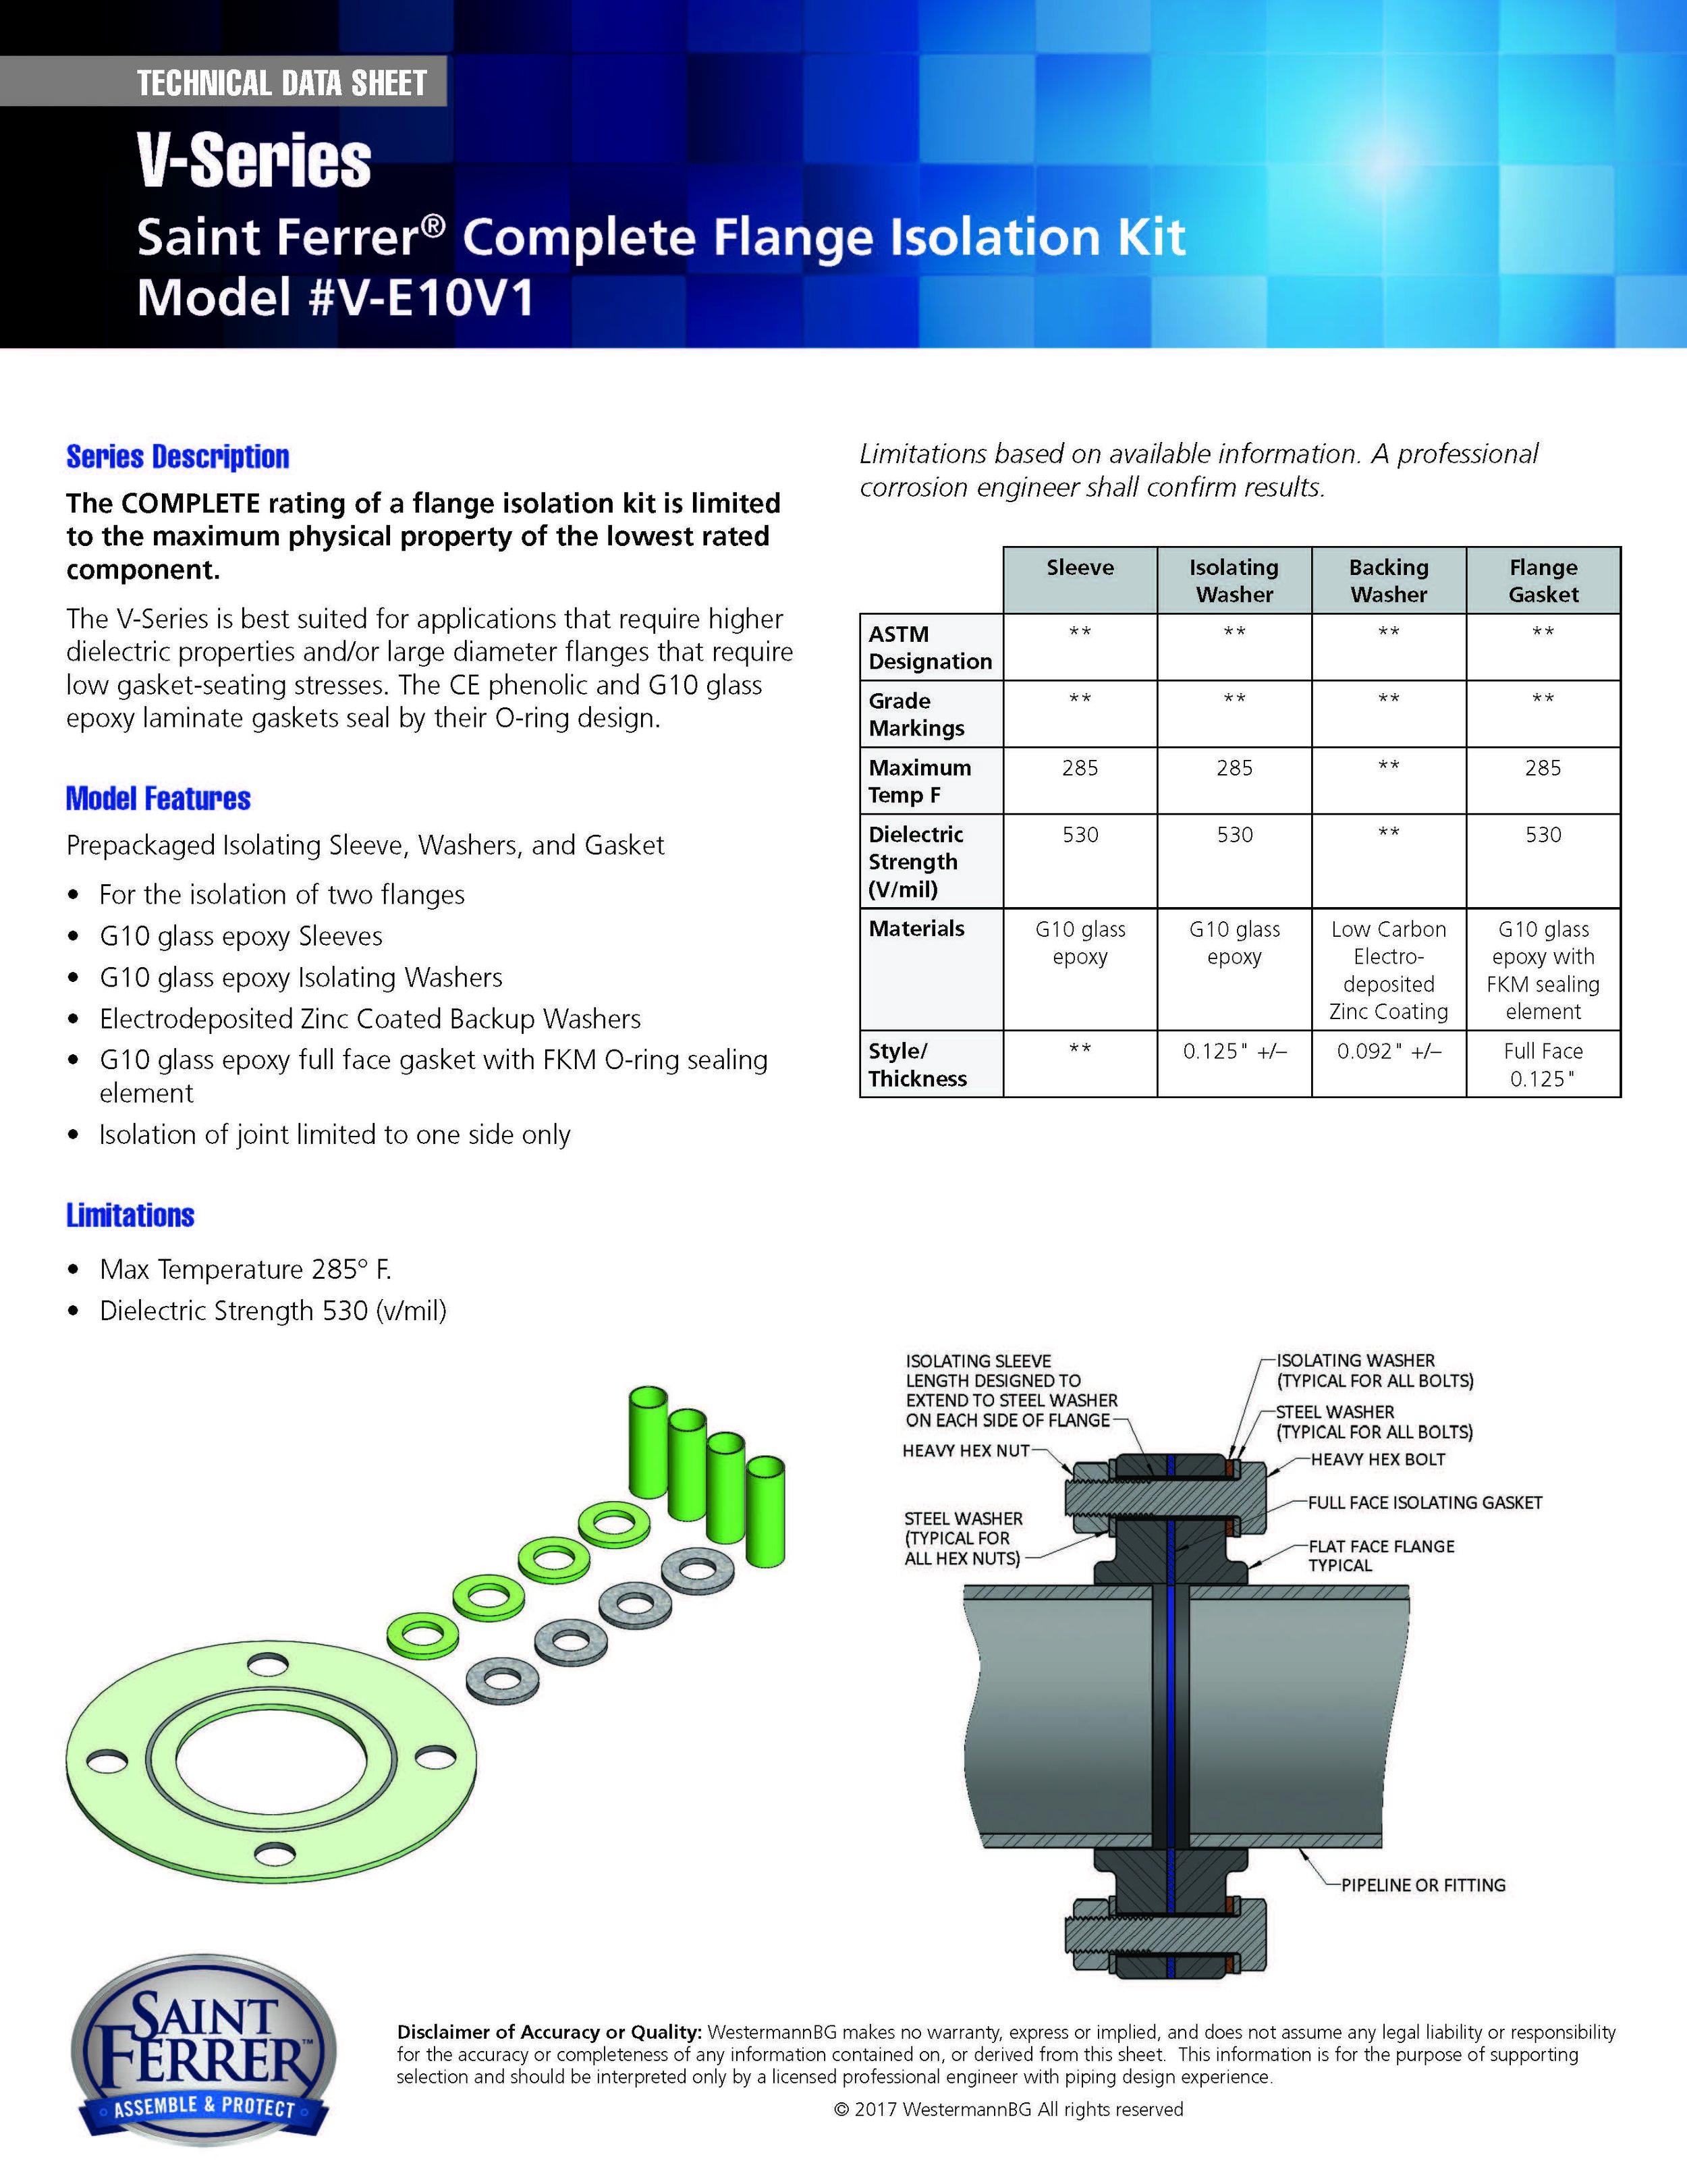 SF_Data_Sheet_V_Series_V-E10V1.jpg